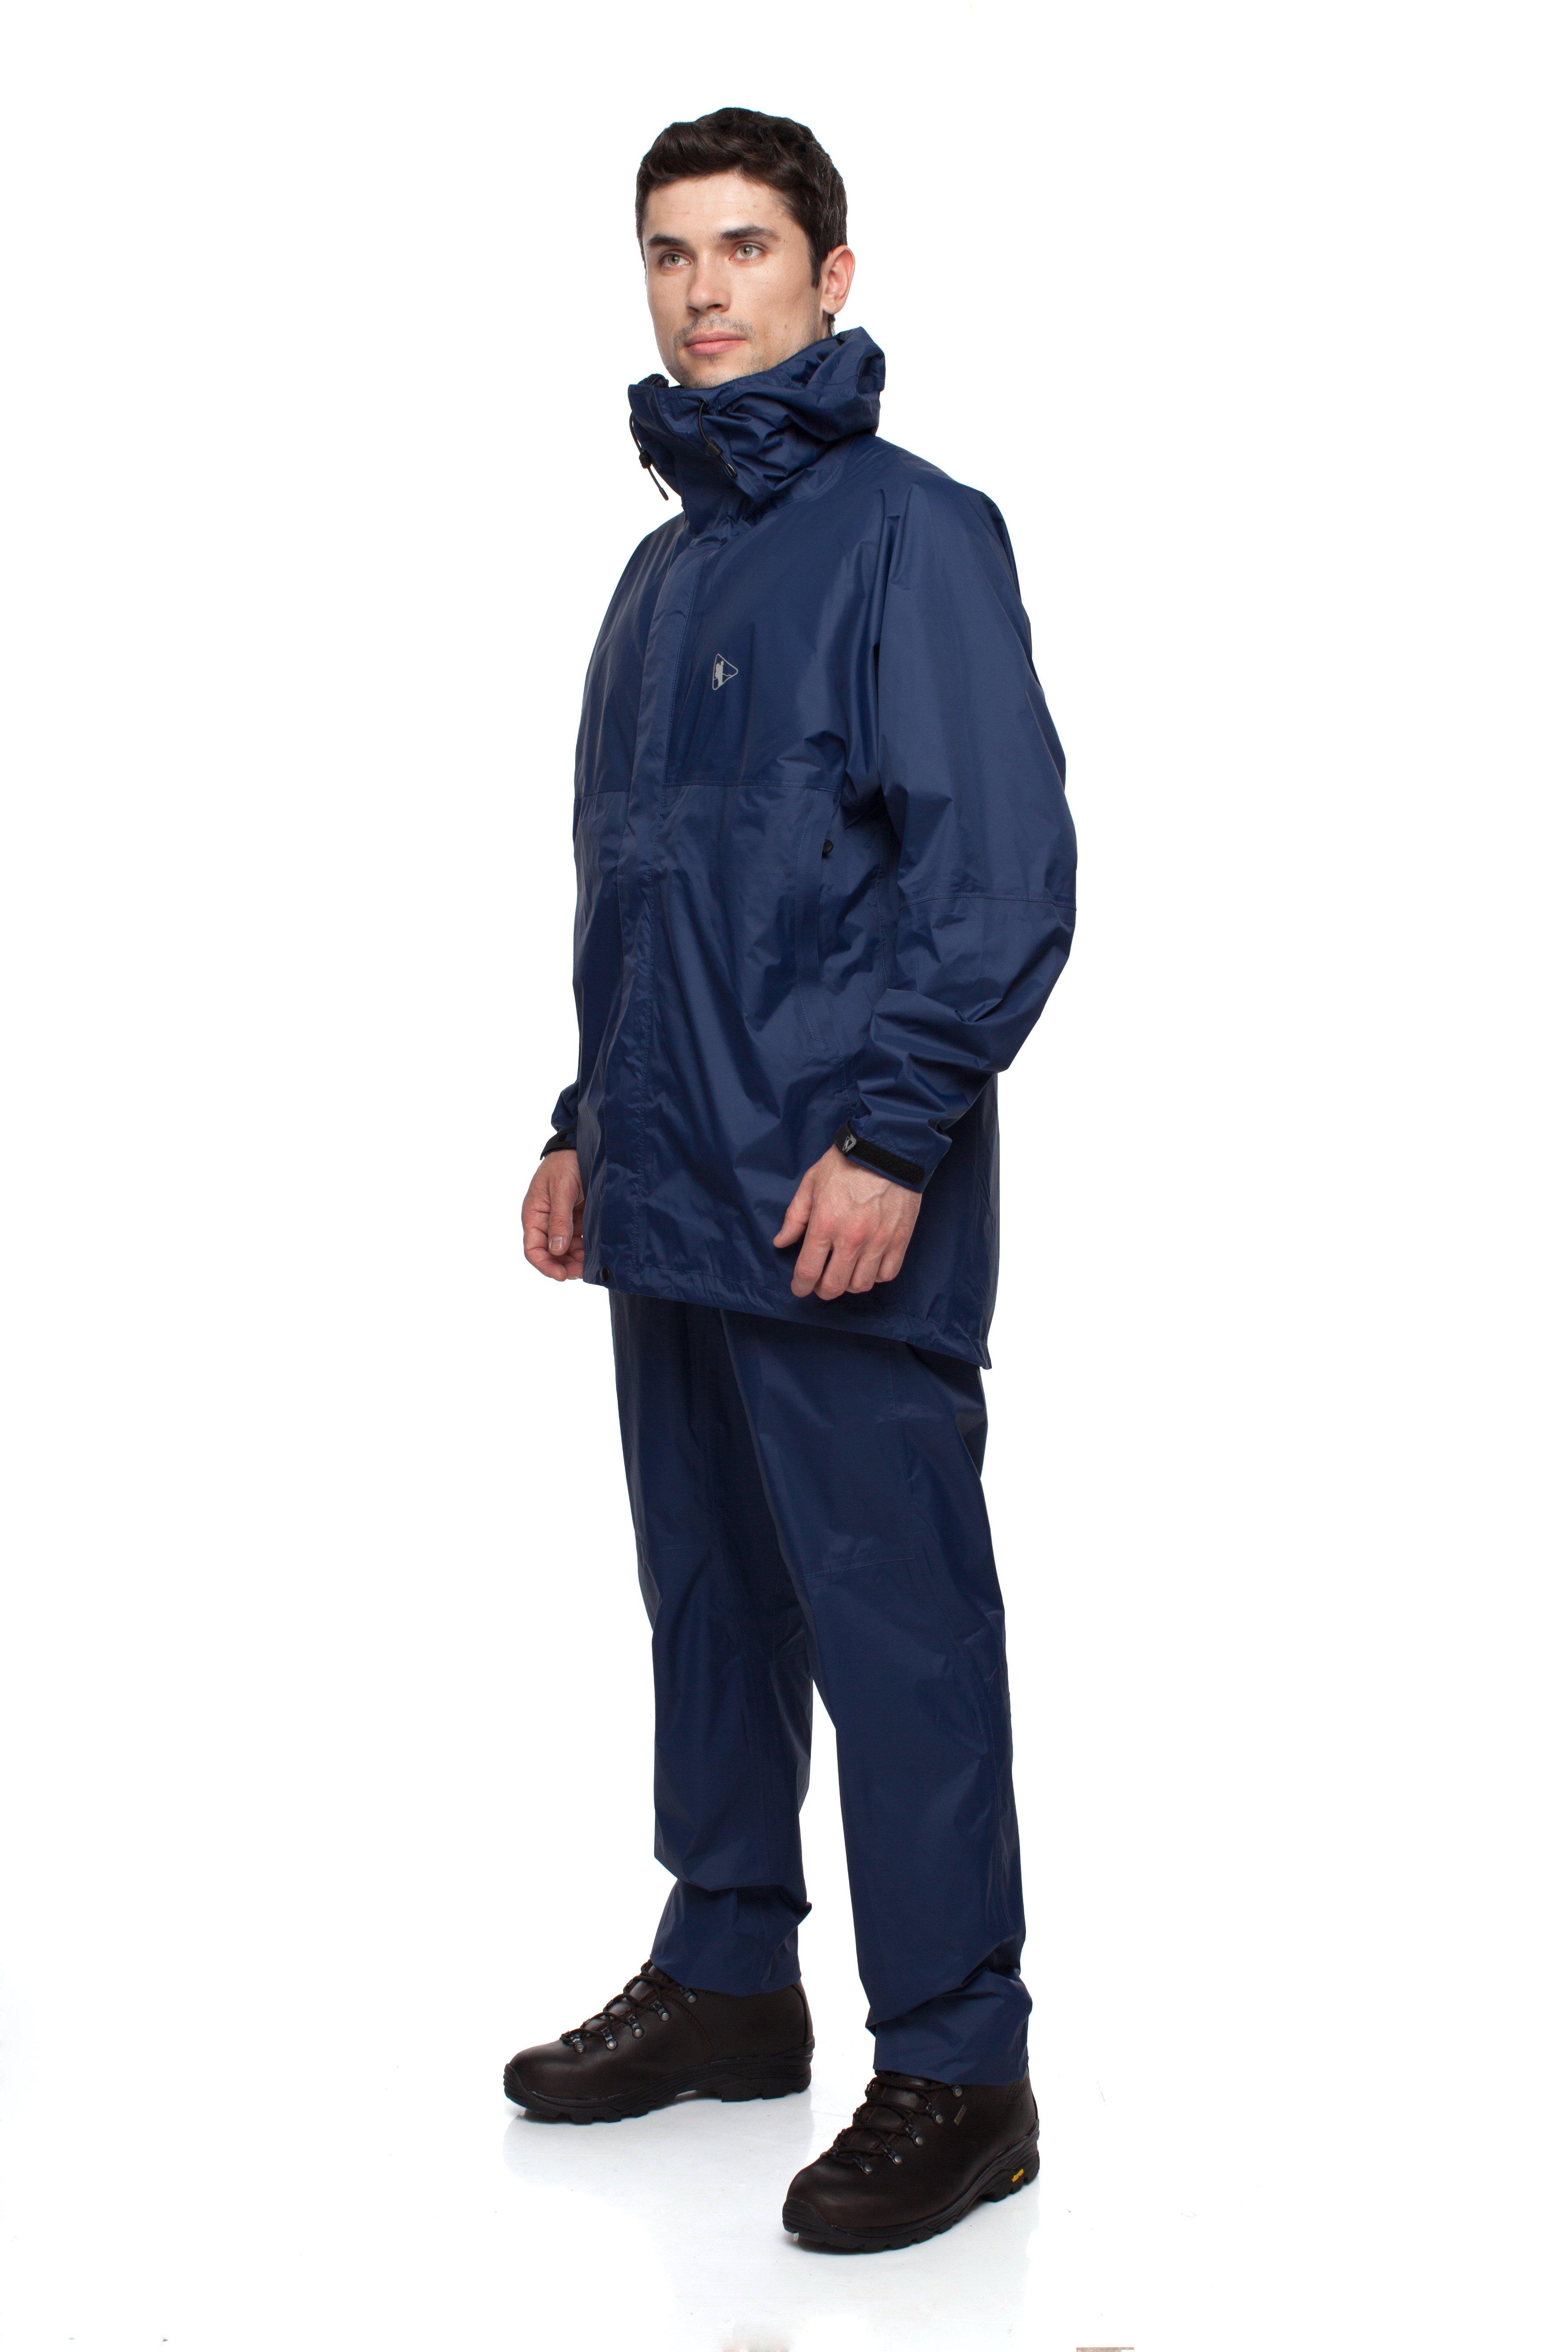 Куртка BASK UNISTORM JKT 3578Многофункциональная легкая компактная куртка из мембранной&amp;nbsp;ткани Advance® 2.5L<br><br>Верхняя ткань: Advance® 2.5L<br>Вес граммы: 420<br>Ветро-влагозащитные свойства верхней ткани: Нет<br>Ветрозащитная планка: Да<br>Ветрозащитная юбка: Нет<br>Влагозащитные молнии: Да<br>Внутренние манжеты: Нет<br>Водонепроницаемость: 10000<br>Дублирующий центральную молнию клапан: Нет<br>Защитный козырёк капюшона: Нет<br>Капюшон: несъемный<br>Карман для средств связи: Нет<br>Количество внешних карманов: 2<br>Количество внутренних карманов: 1<br>Мембрана: Advance® 2.5L<br>Объемный крой локтевой зоны: Да<br>Отстёгивающиеся рукава: Нет<br>Паропроницаемость: 5000<br>Пол: Унисекс<br>Проклейка швов: Да<br>Размеры: XS-XXl<br>Регулировка манжетов рукавов: Да<br>Регулировка низа: Да<br>Регулировка объёма капюшона: Да<br>Регулировка талии: Нет<br>Регулируемые вентиляционные отверстия: Нет<br>Световозвращающая лента: Нет<br>Технология Thermal Welding: Нет<br>Технология швов: проклеены<br>Тип молнии: двухзамковая влагозащитная<br>Ткань усиления: нет<br>Усиление контактных зон: Нет<br>Размер INT: L<br>Цвет: ЧЕРНЫЙ